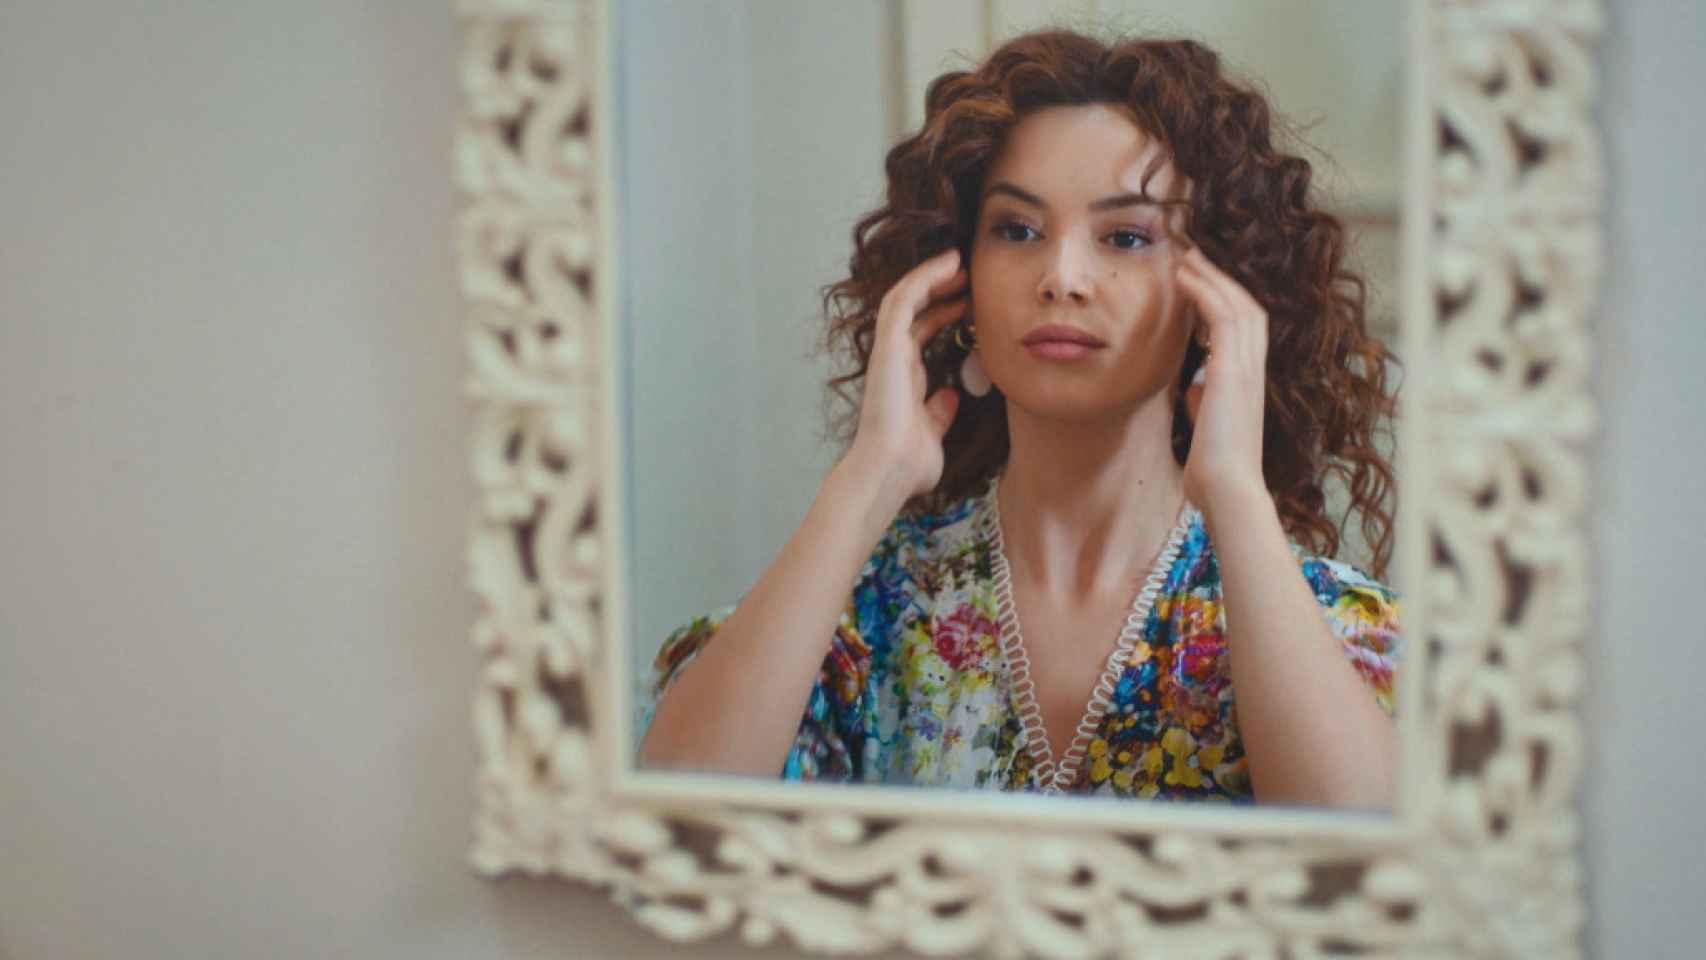 Sirin saca a la luz sus fotos con Sarp para dañar a Bahar, en lo nuevo de 'Mujer'